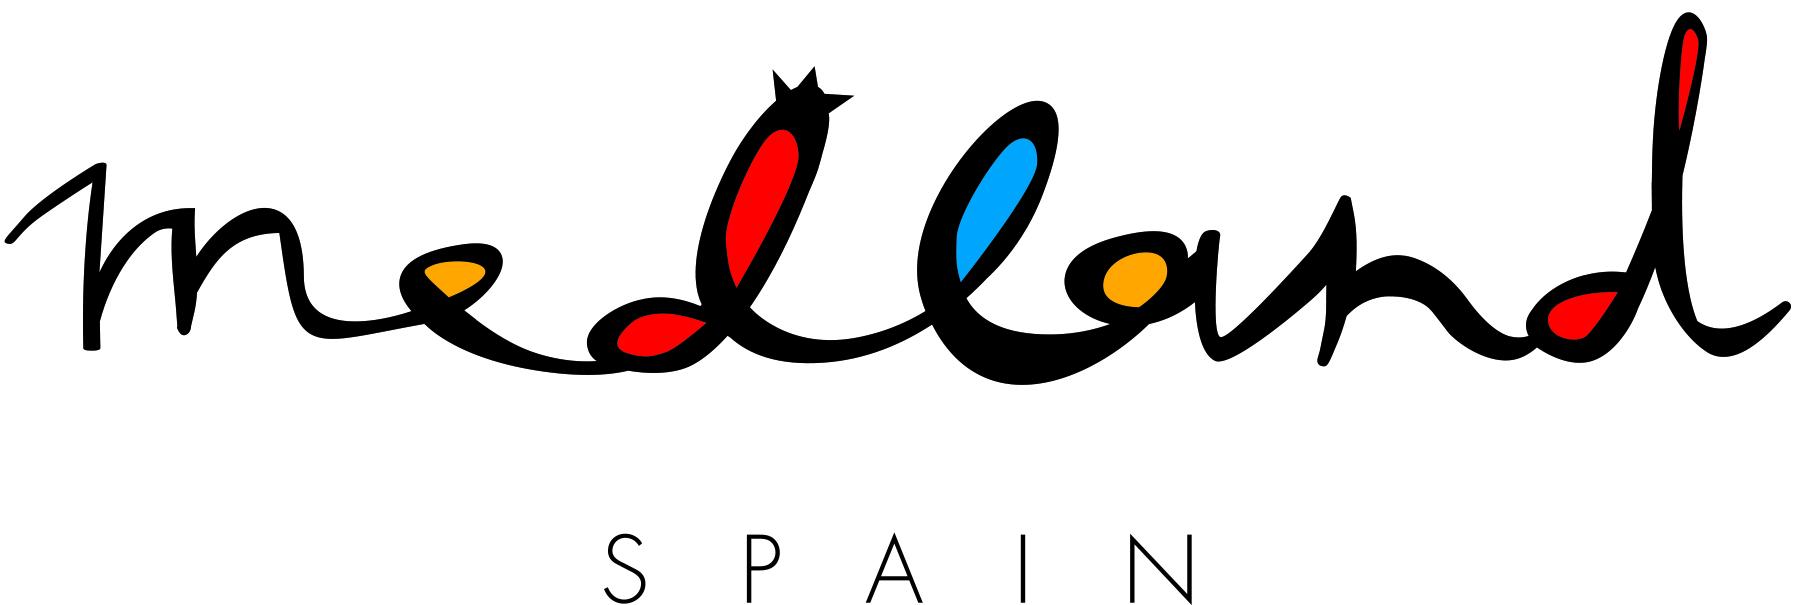 Medland Spanje, makelaar Costa Blanca en Costa Cálida